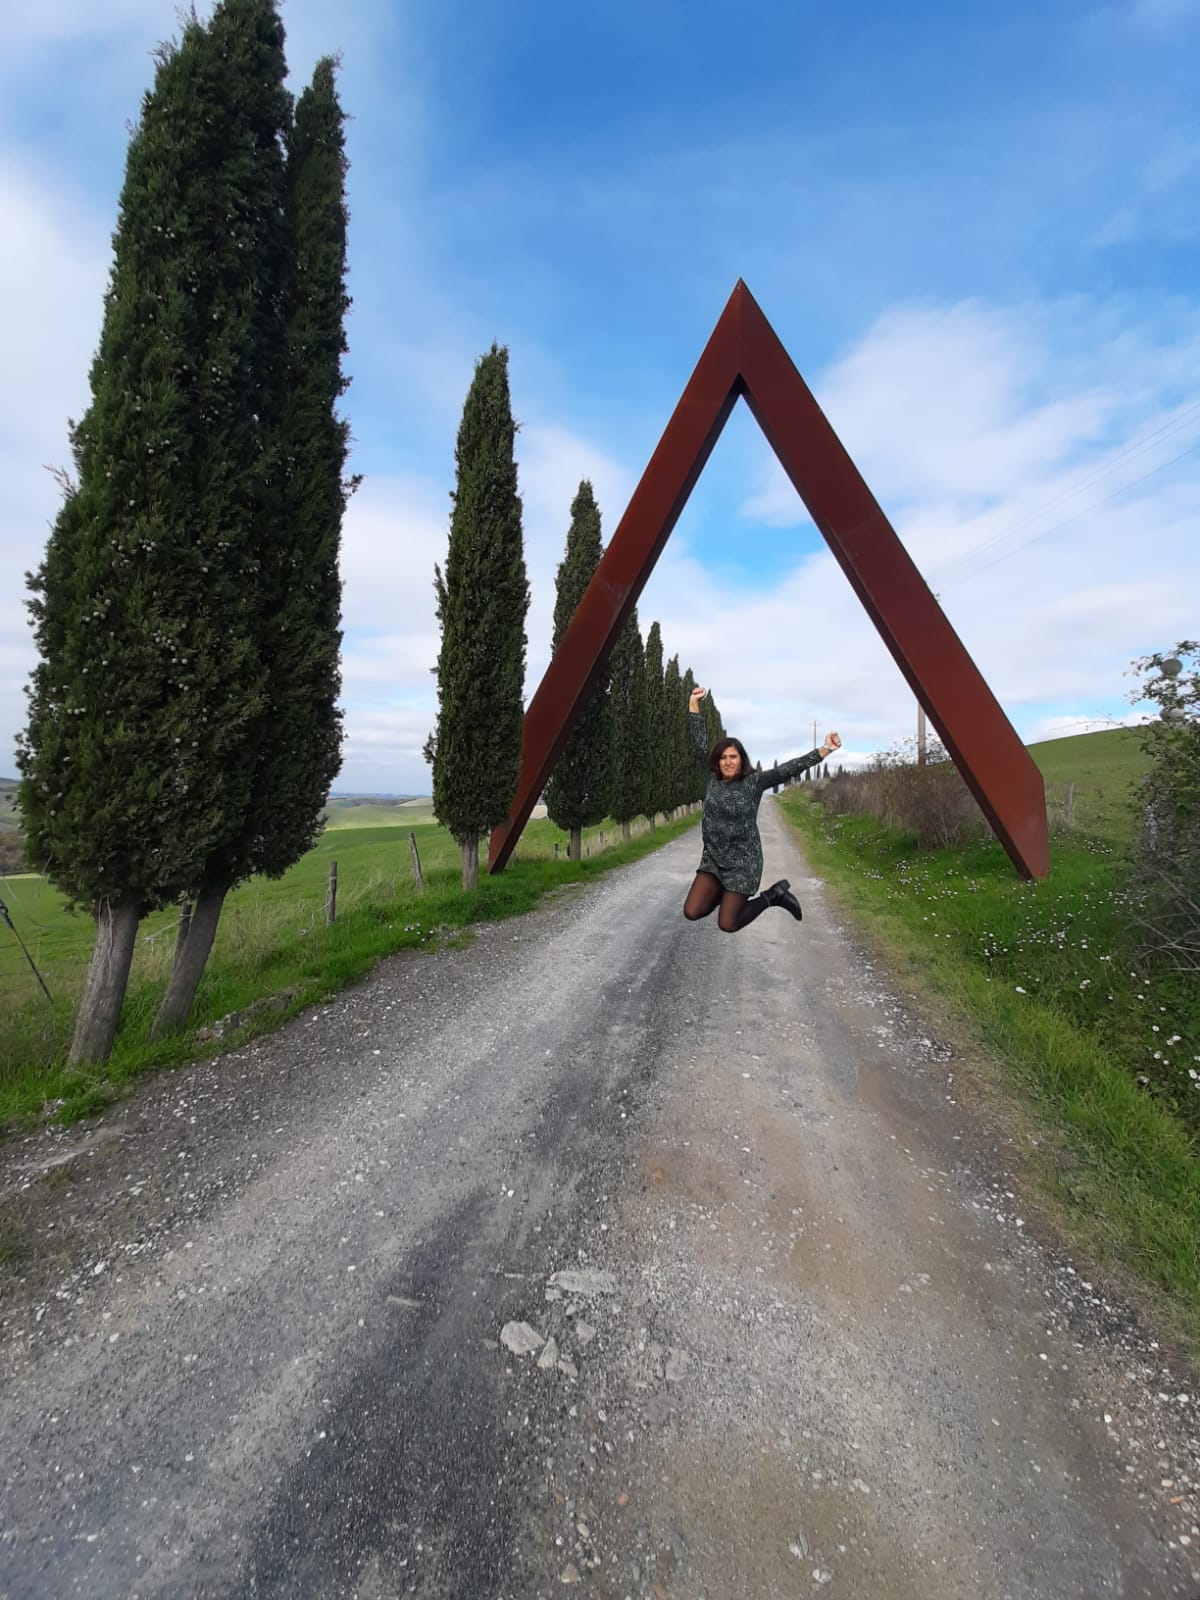 OPERE D'ARTE MODERNA A VOLTERRA, IL PORTALE DI STACCIOLI